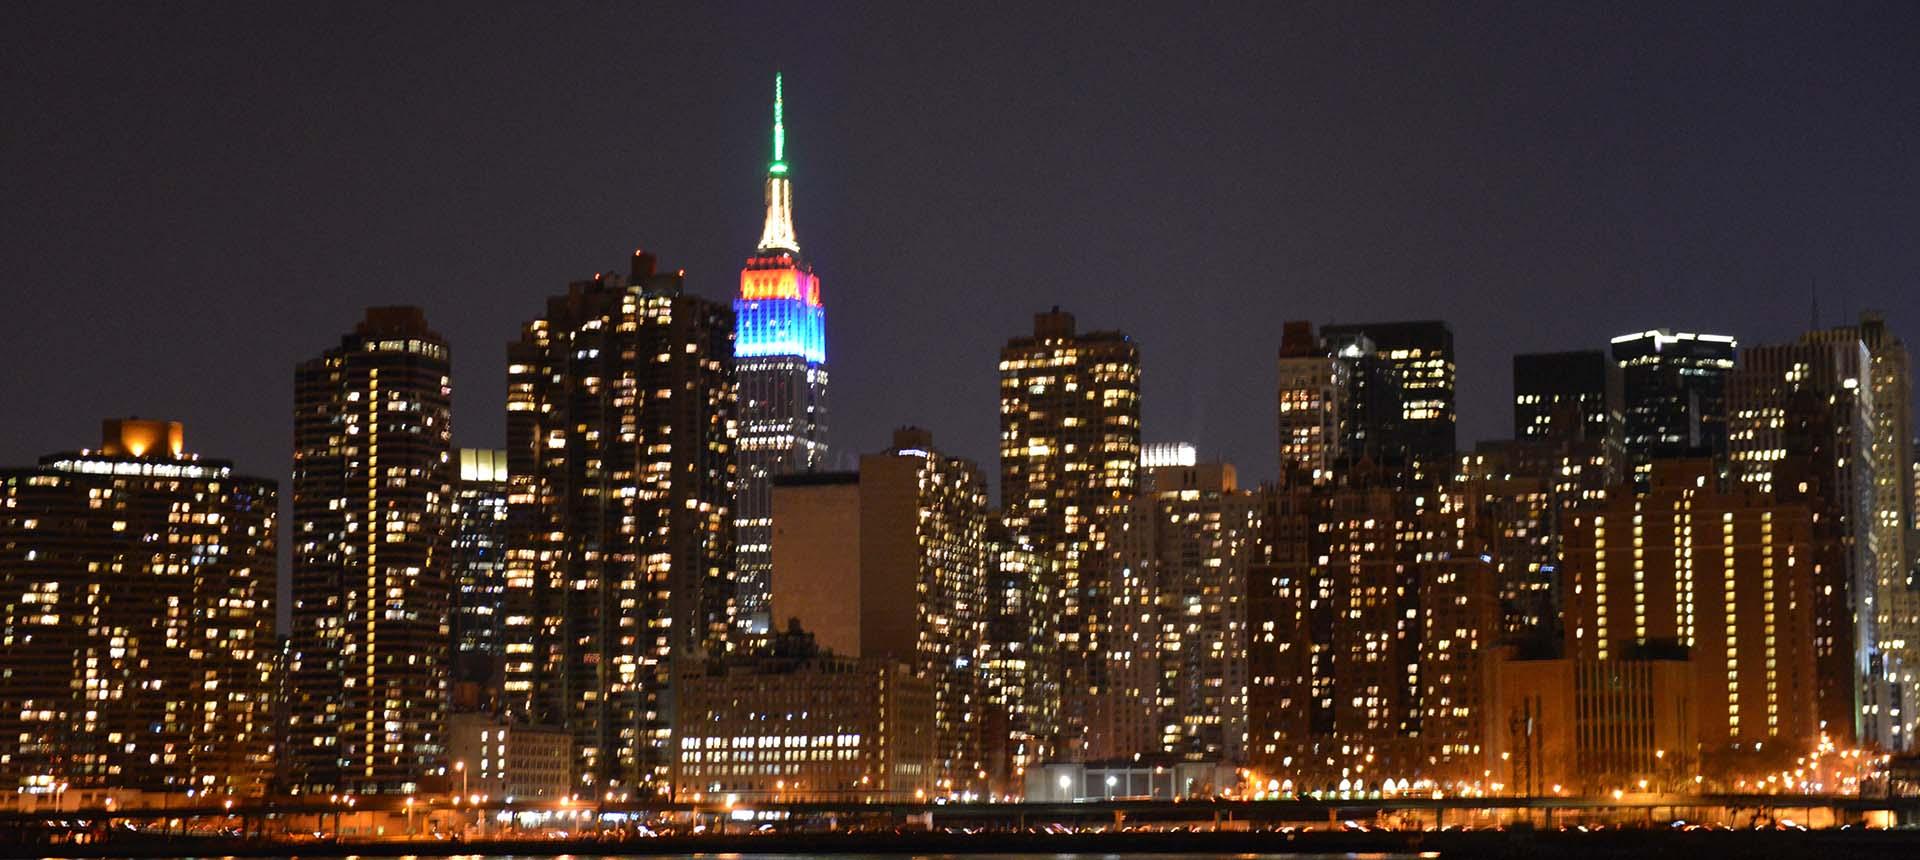 New york city in december mytravelstudio for Traveling to new york in december